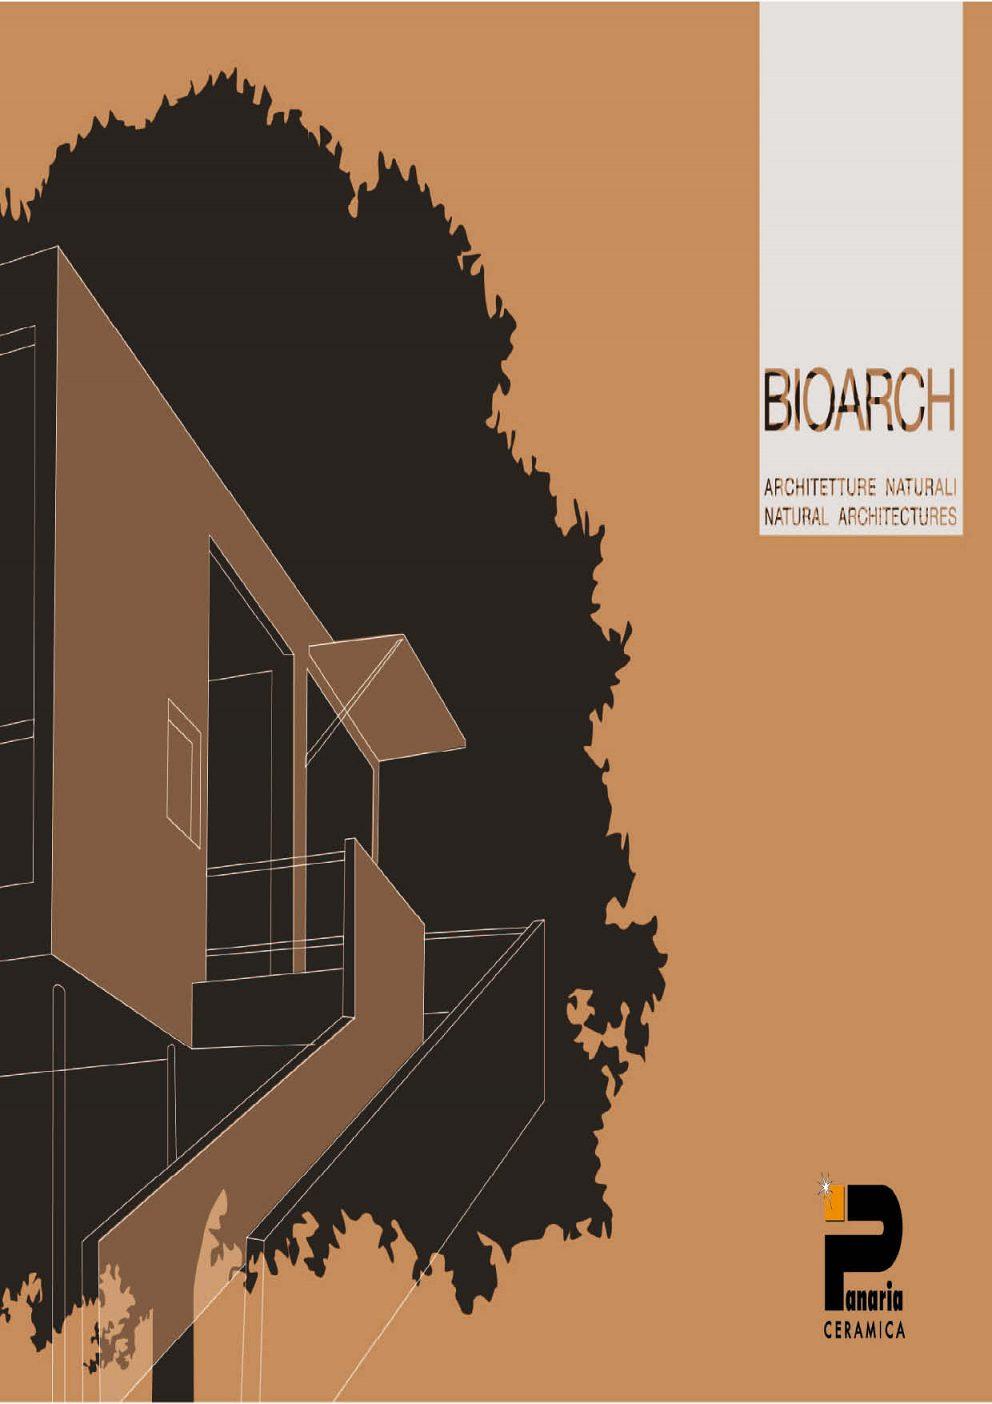 Panaria - Bioarch